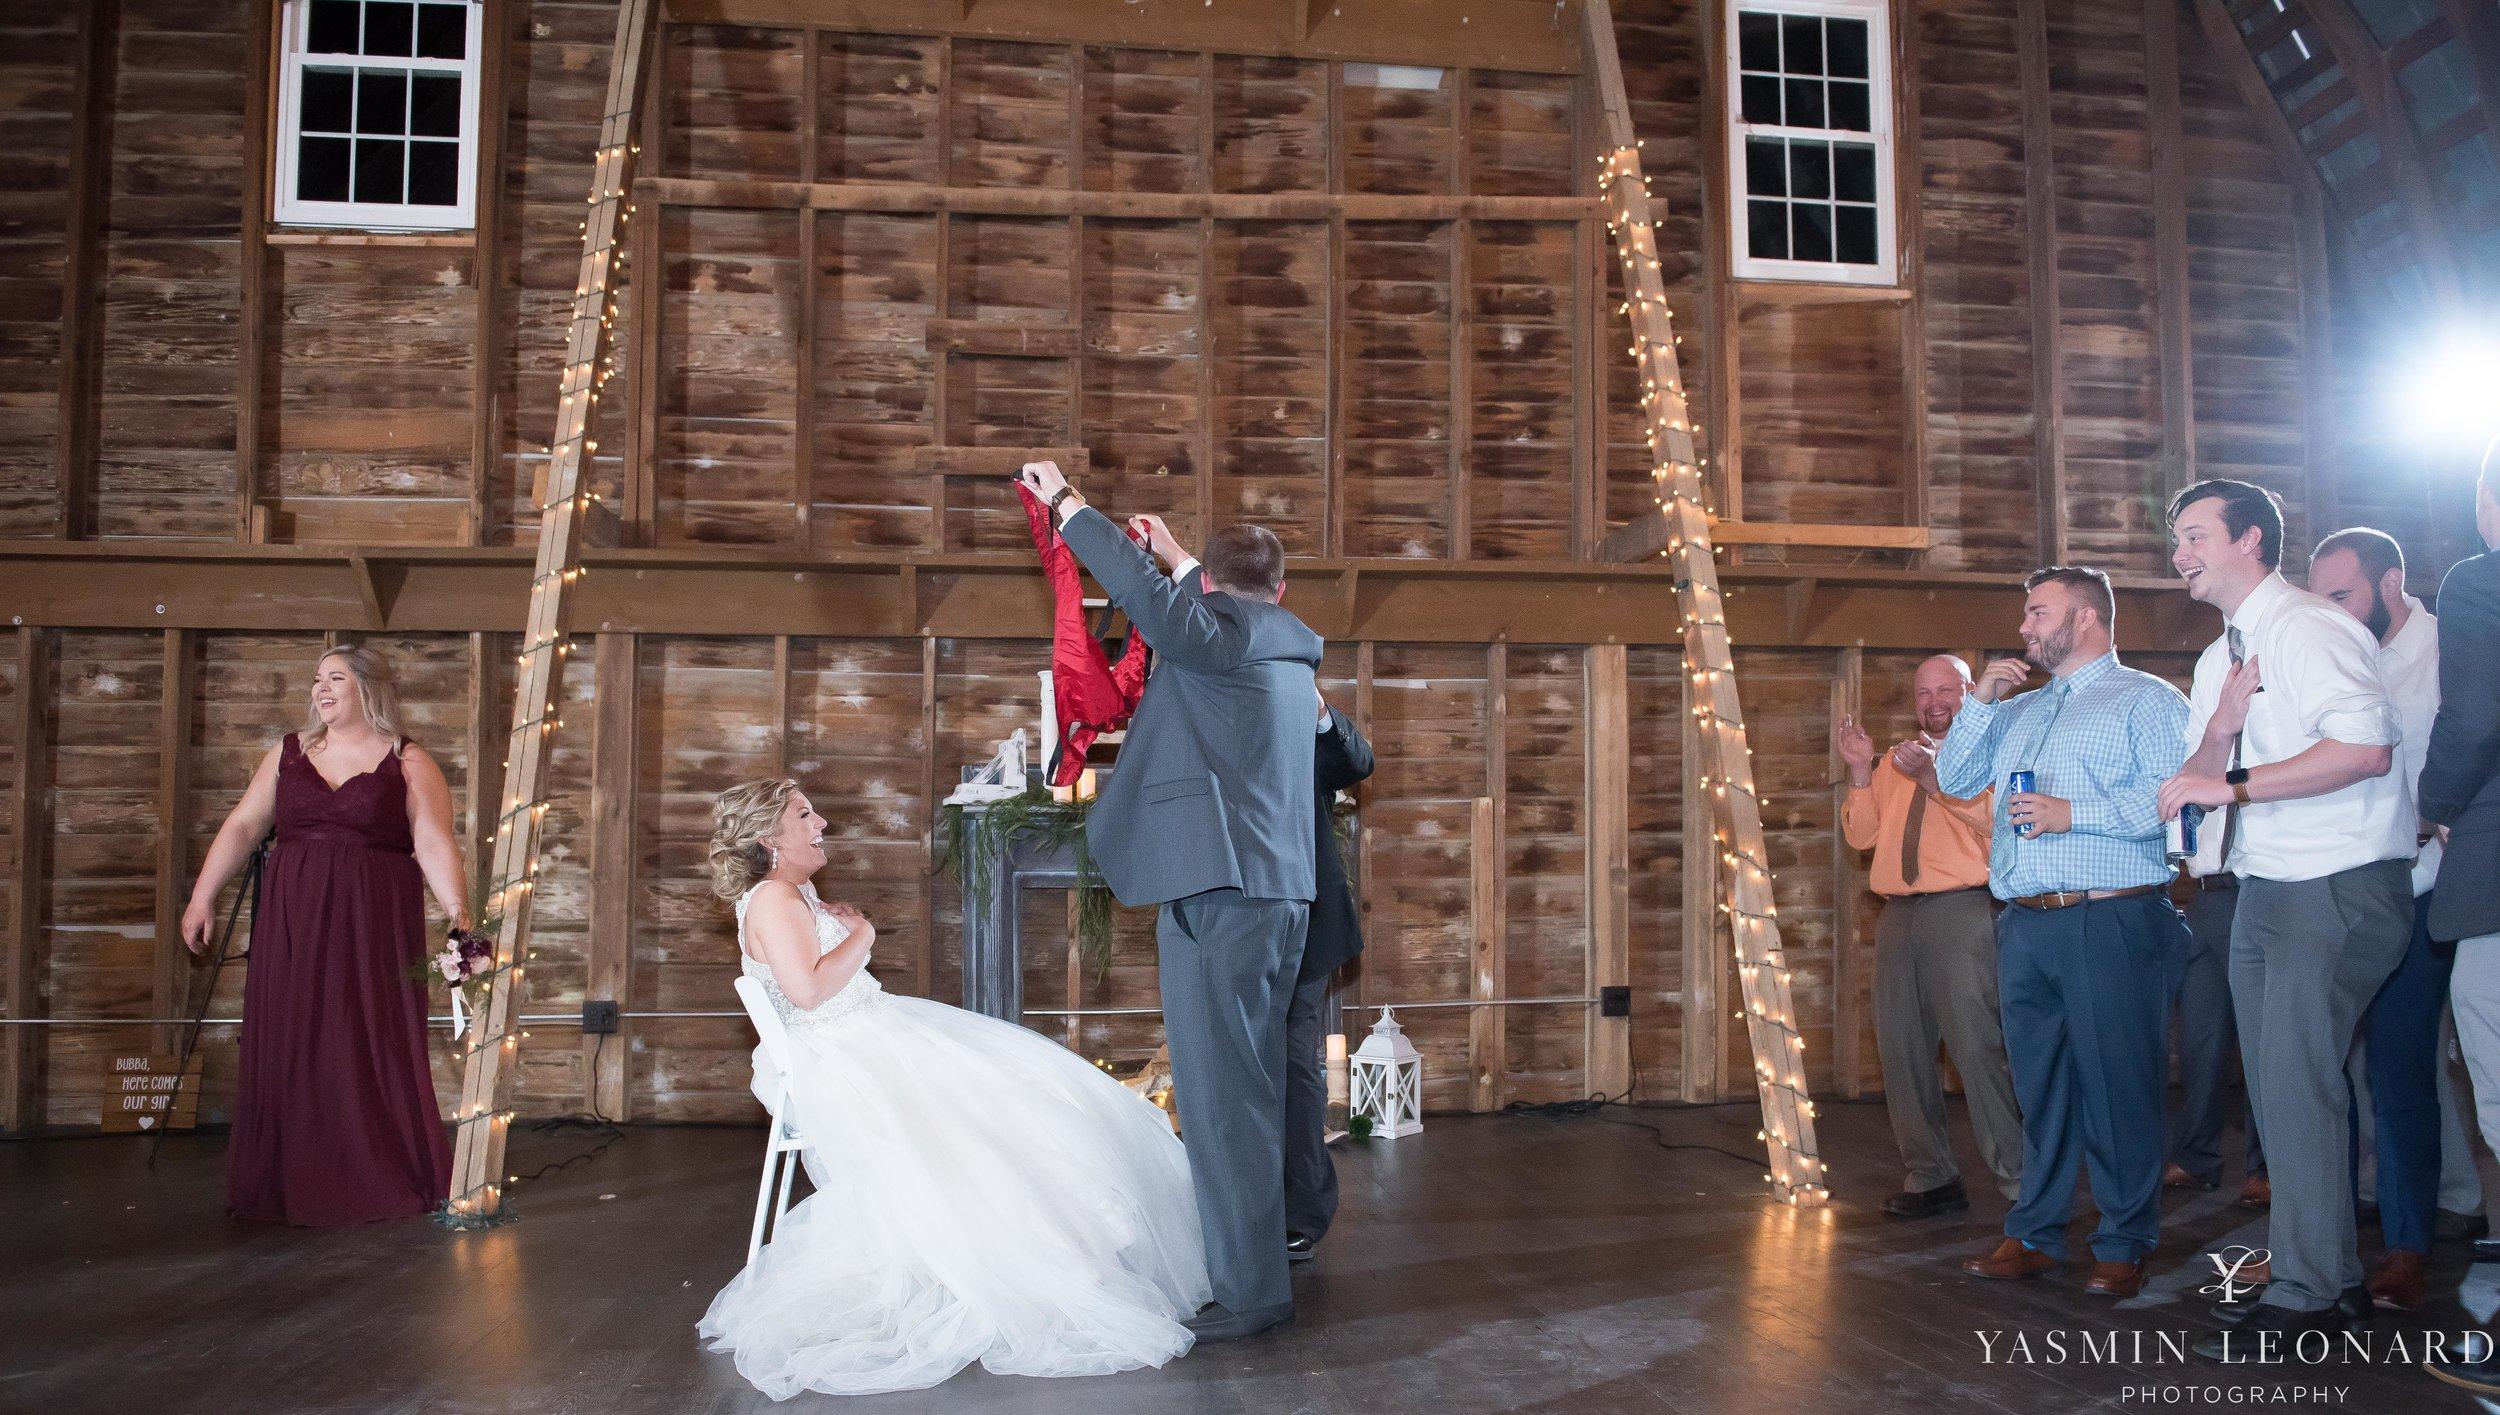 Millikan Farms - Millikan Farms Wedding - Sophia NC Wedding - NC Wedding - NC Wedding Photographer - Yasmin Leonard Photography - High Point Photographer - Barn Wedding - Wedding Venues in NC - Triad Wedding Photographer-87.jpg